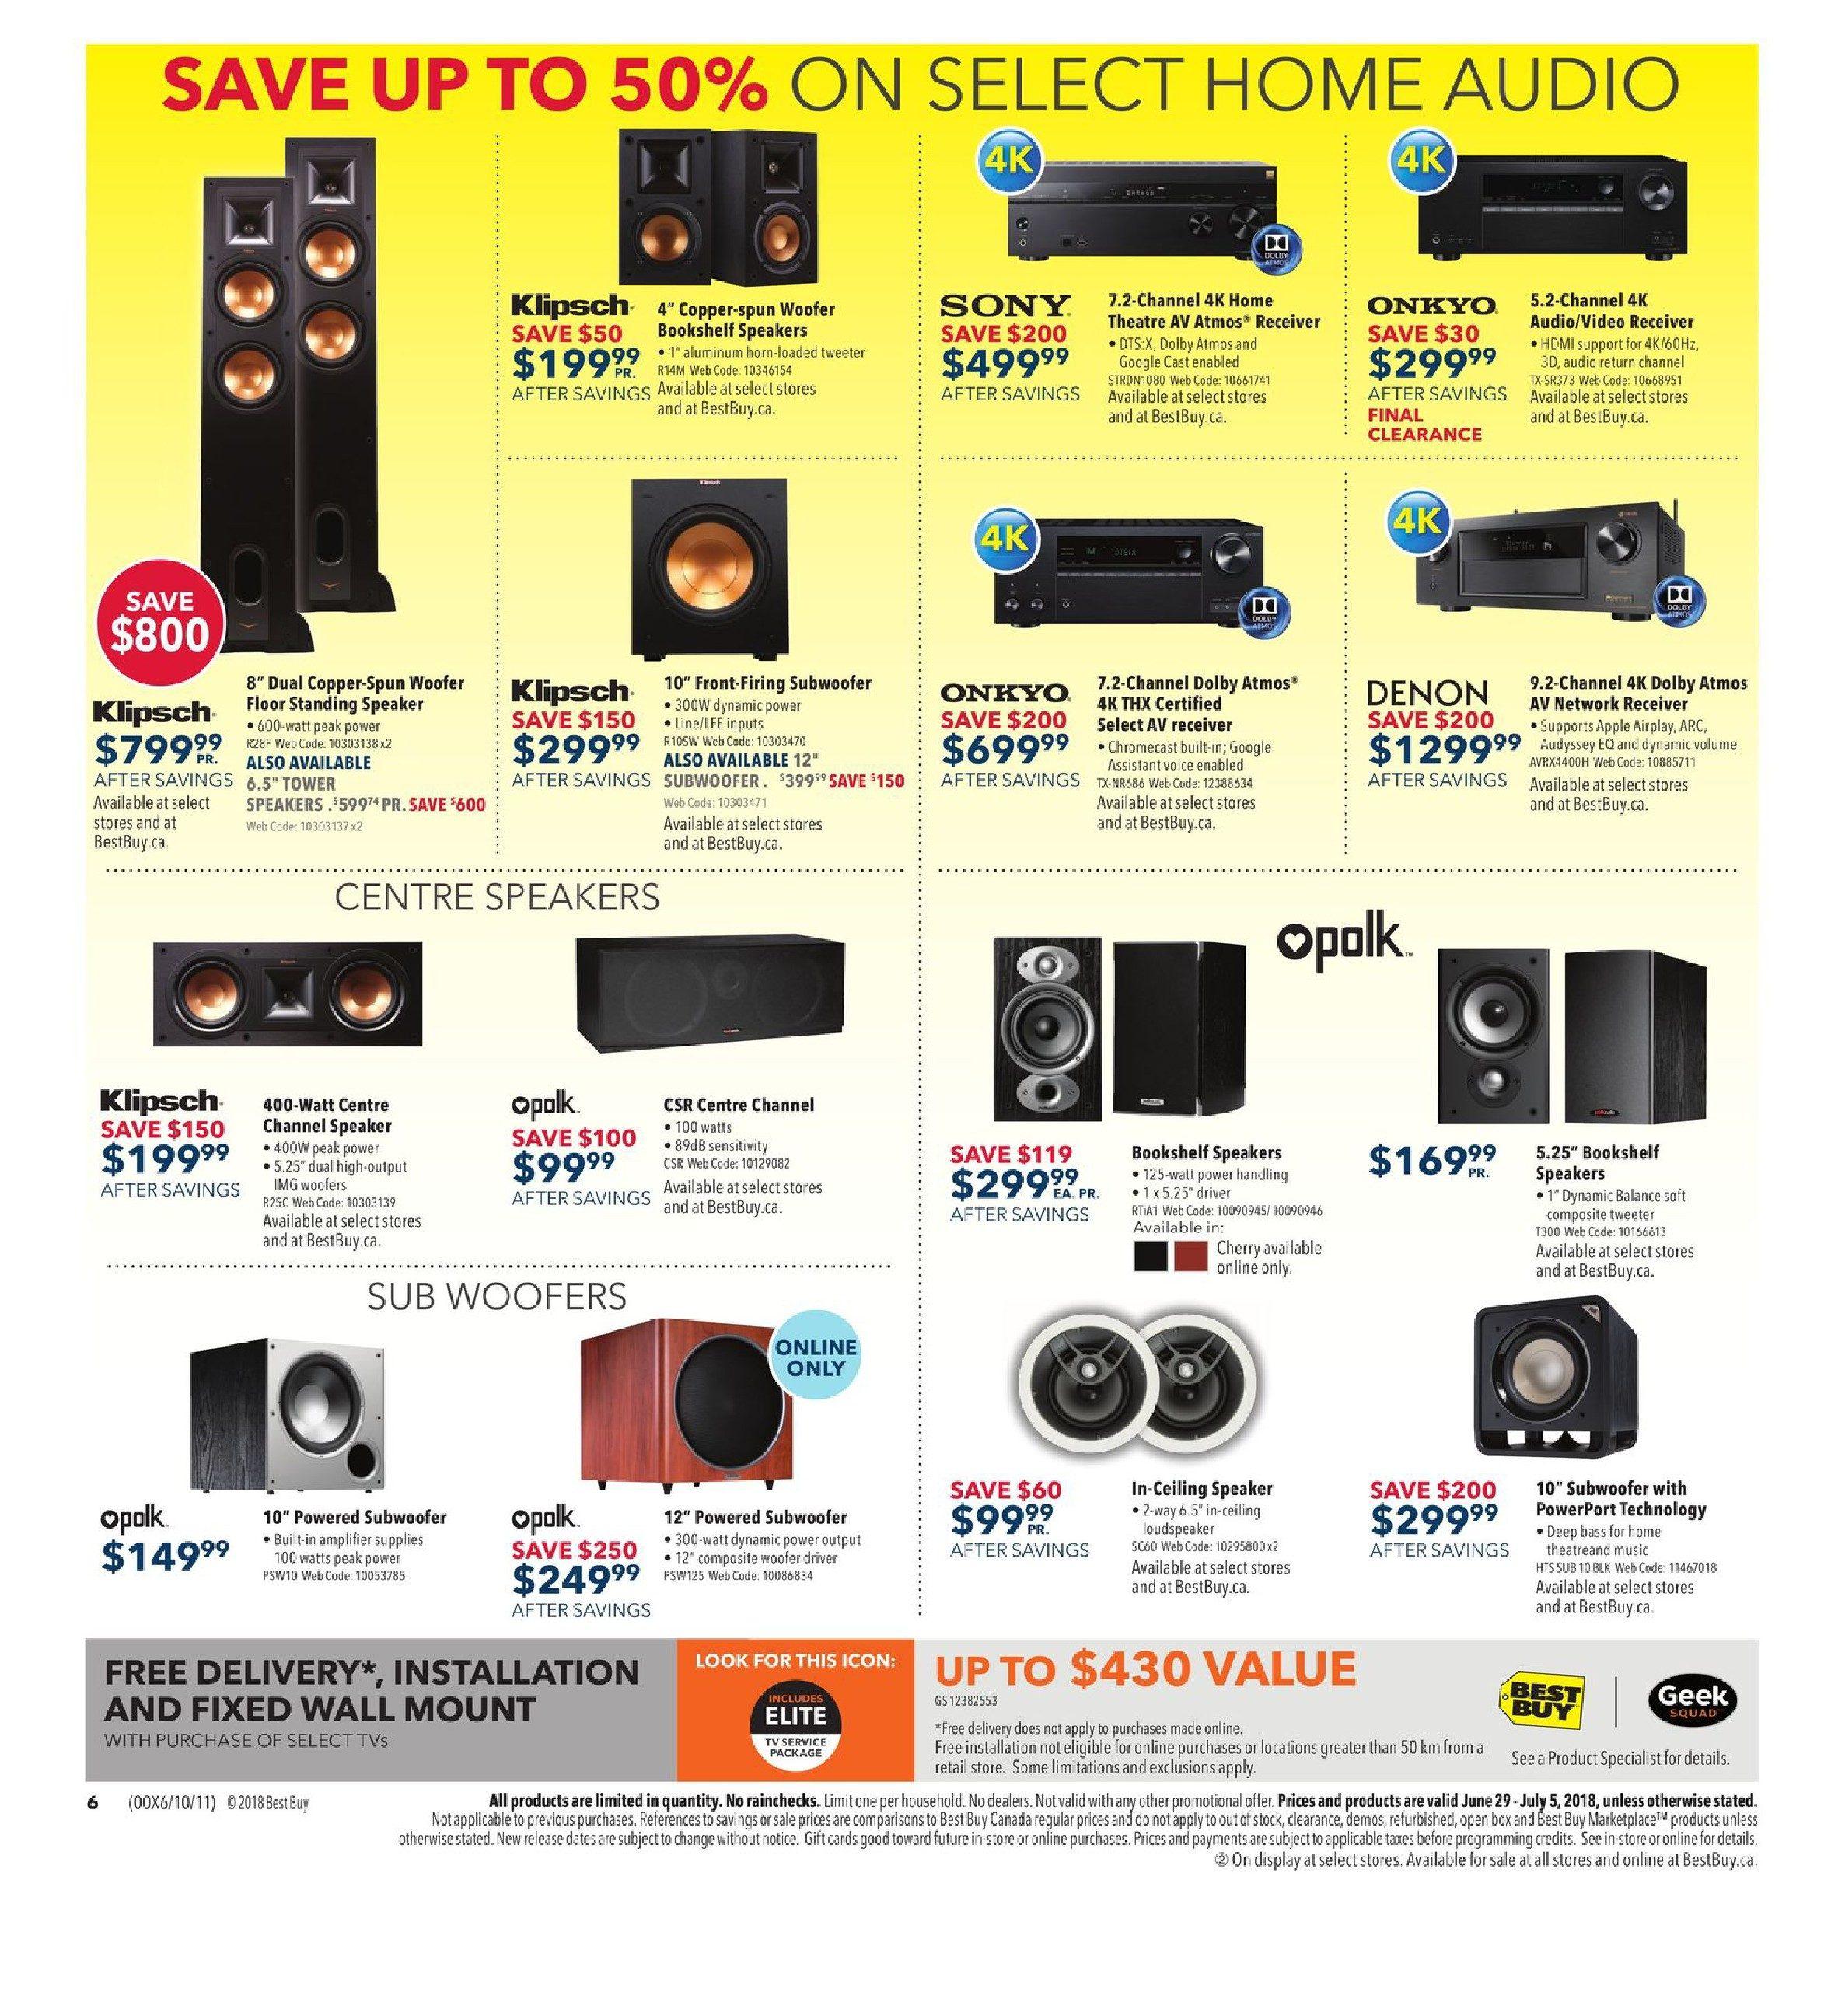 Best Buy Weekly Flyer Boxing Day In July Sale Jun 29 Kicker Car Speakers On 12 Inch Alpine Type R Wiring Diagram Jul 5